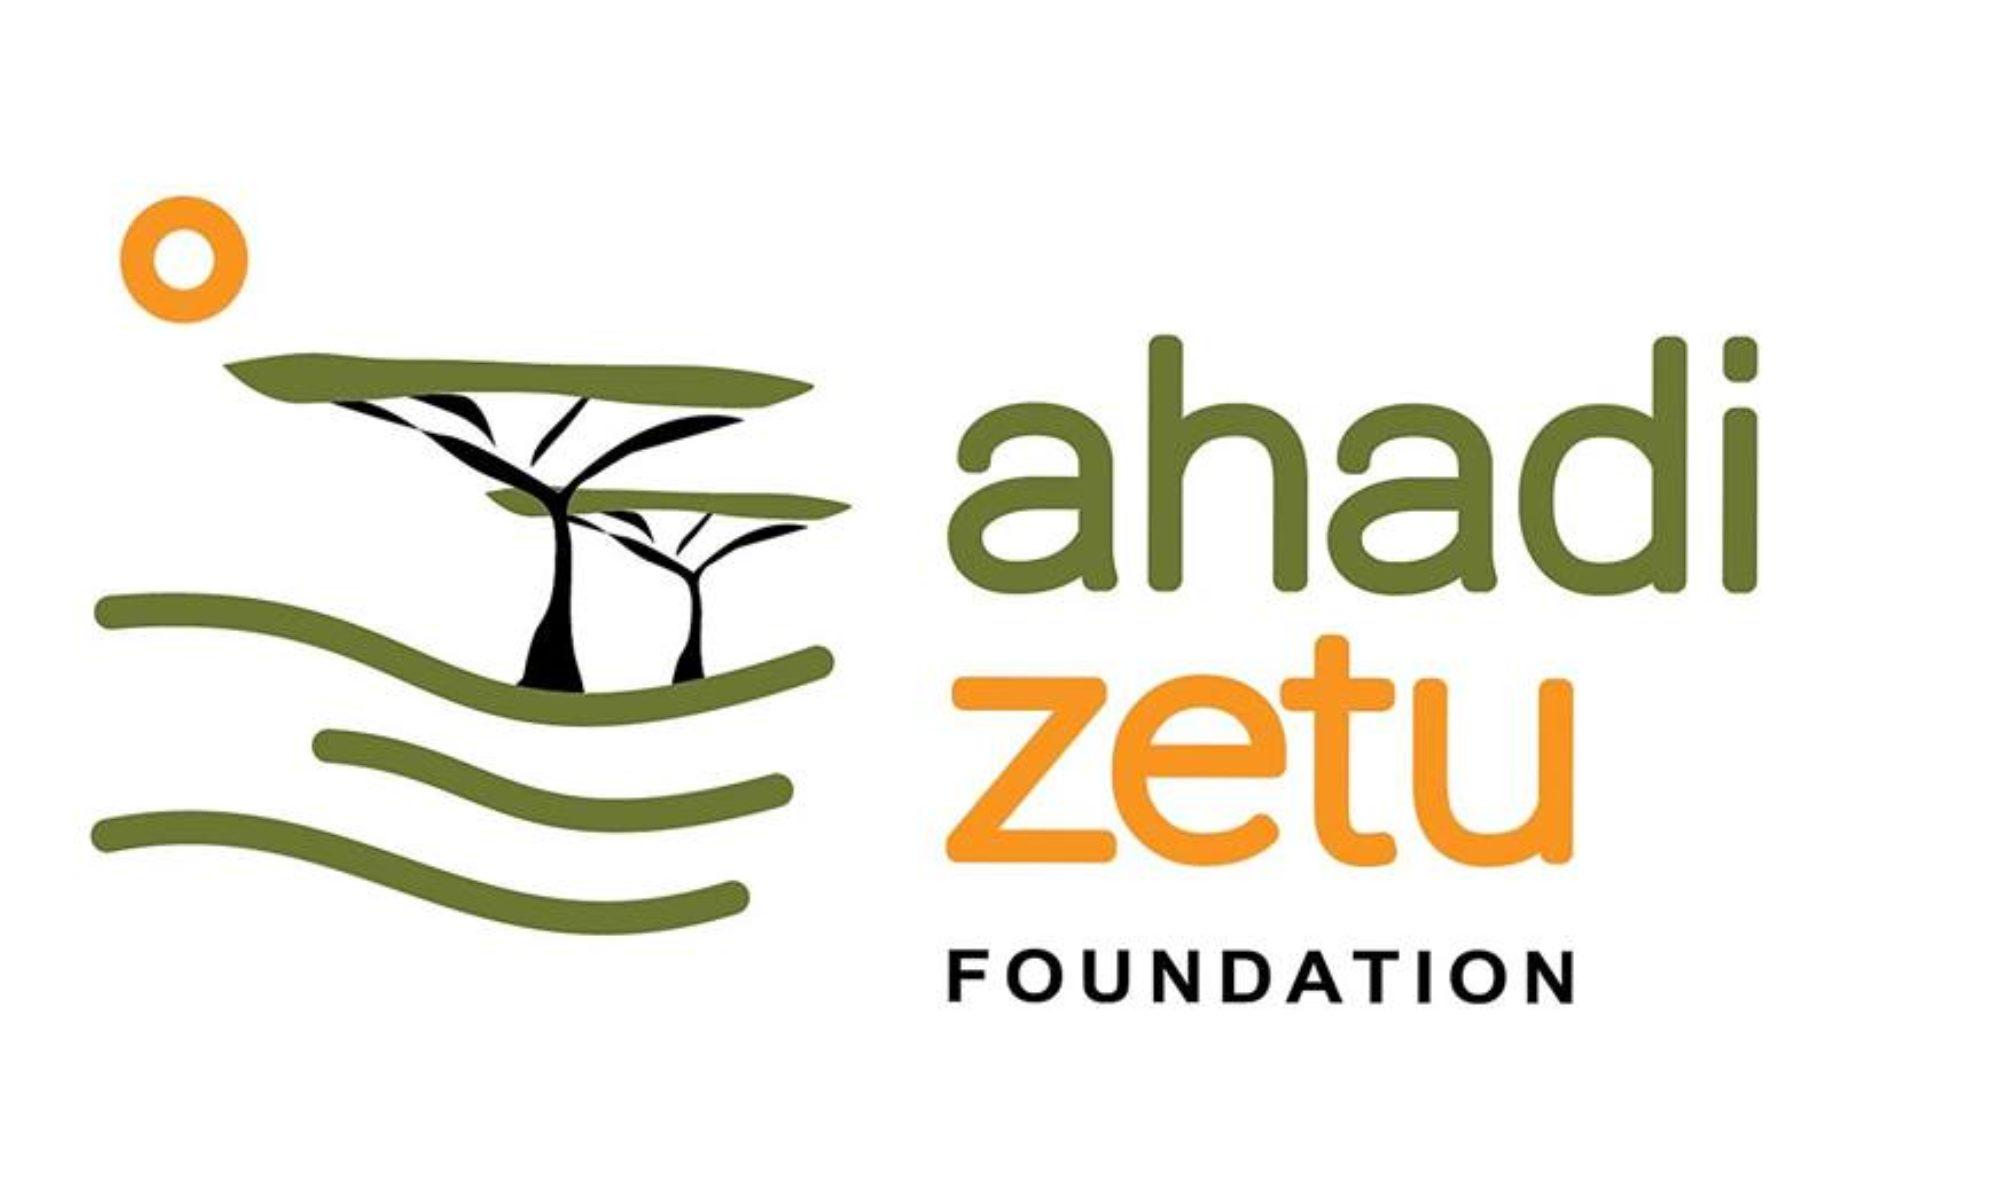 Ahadi Zetu